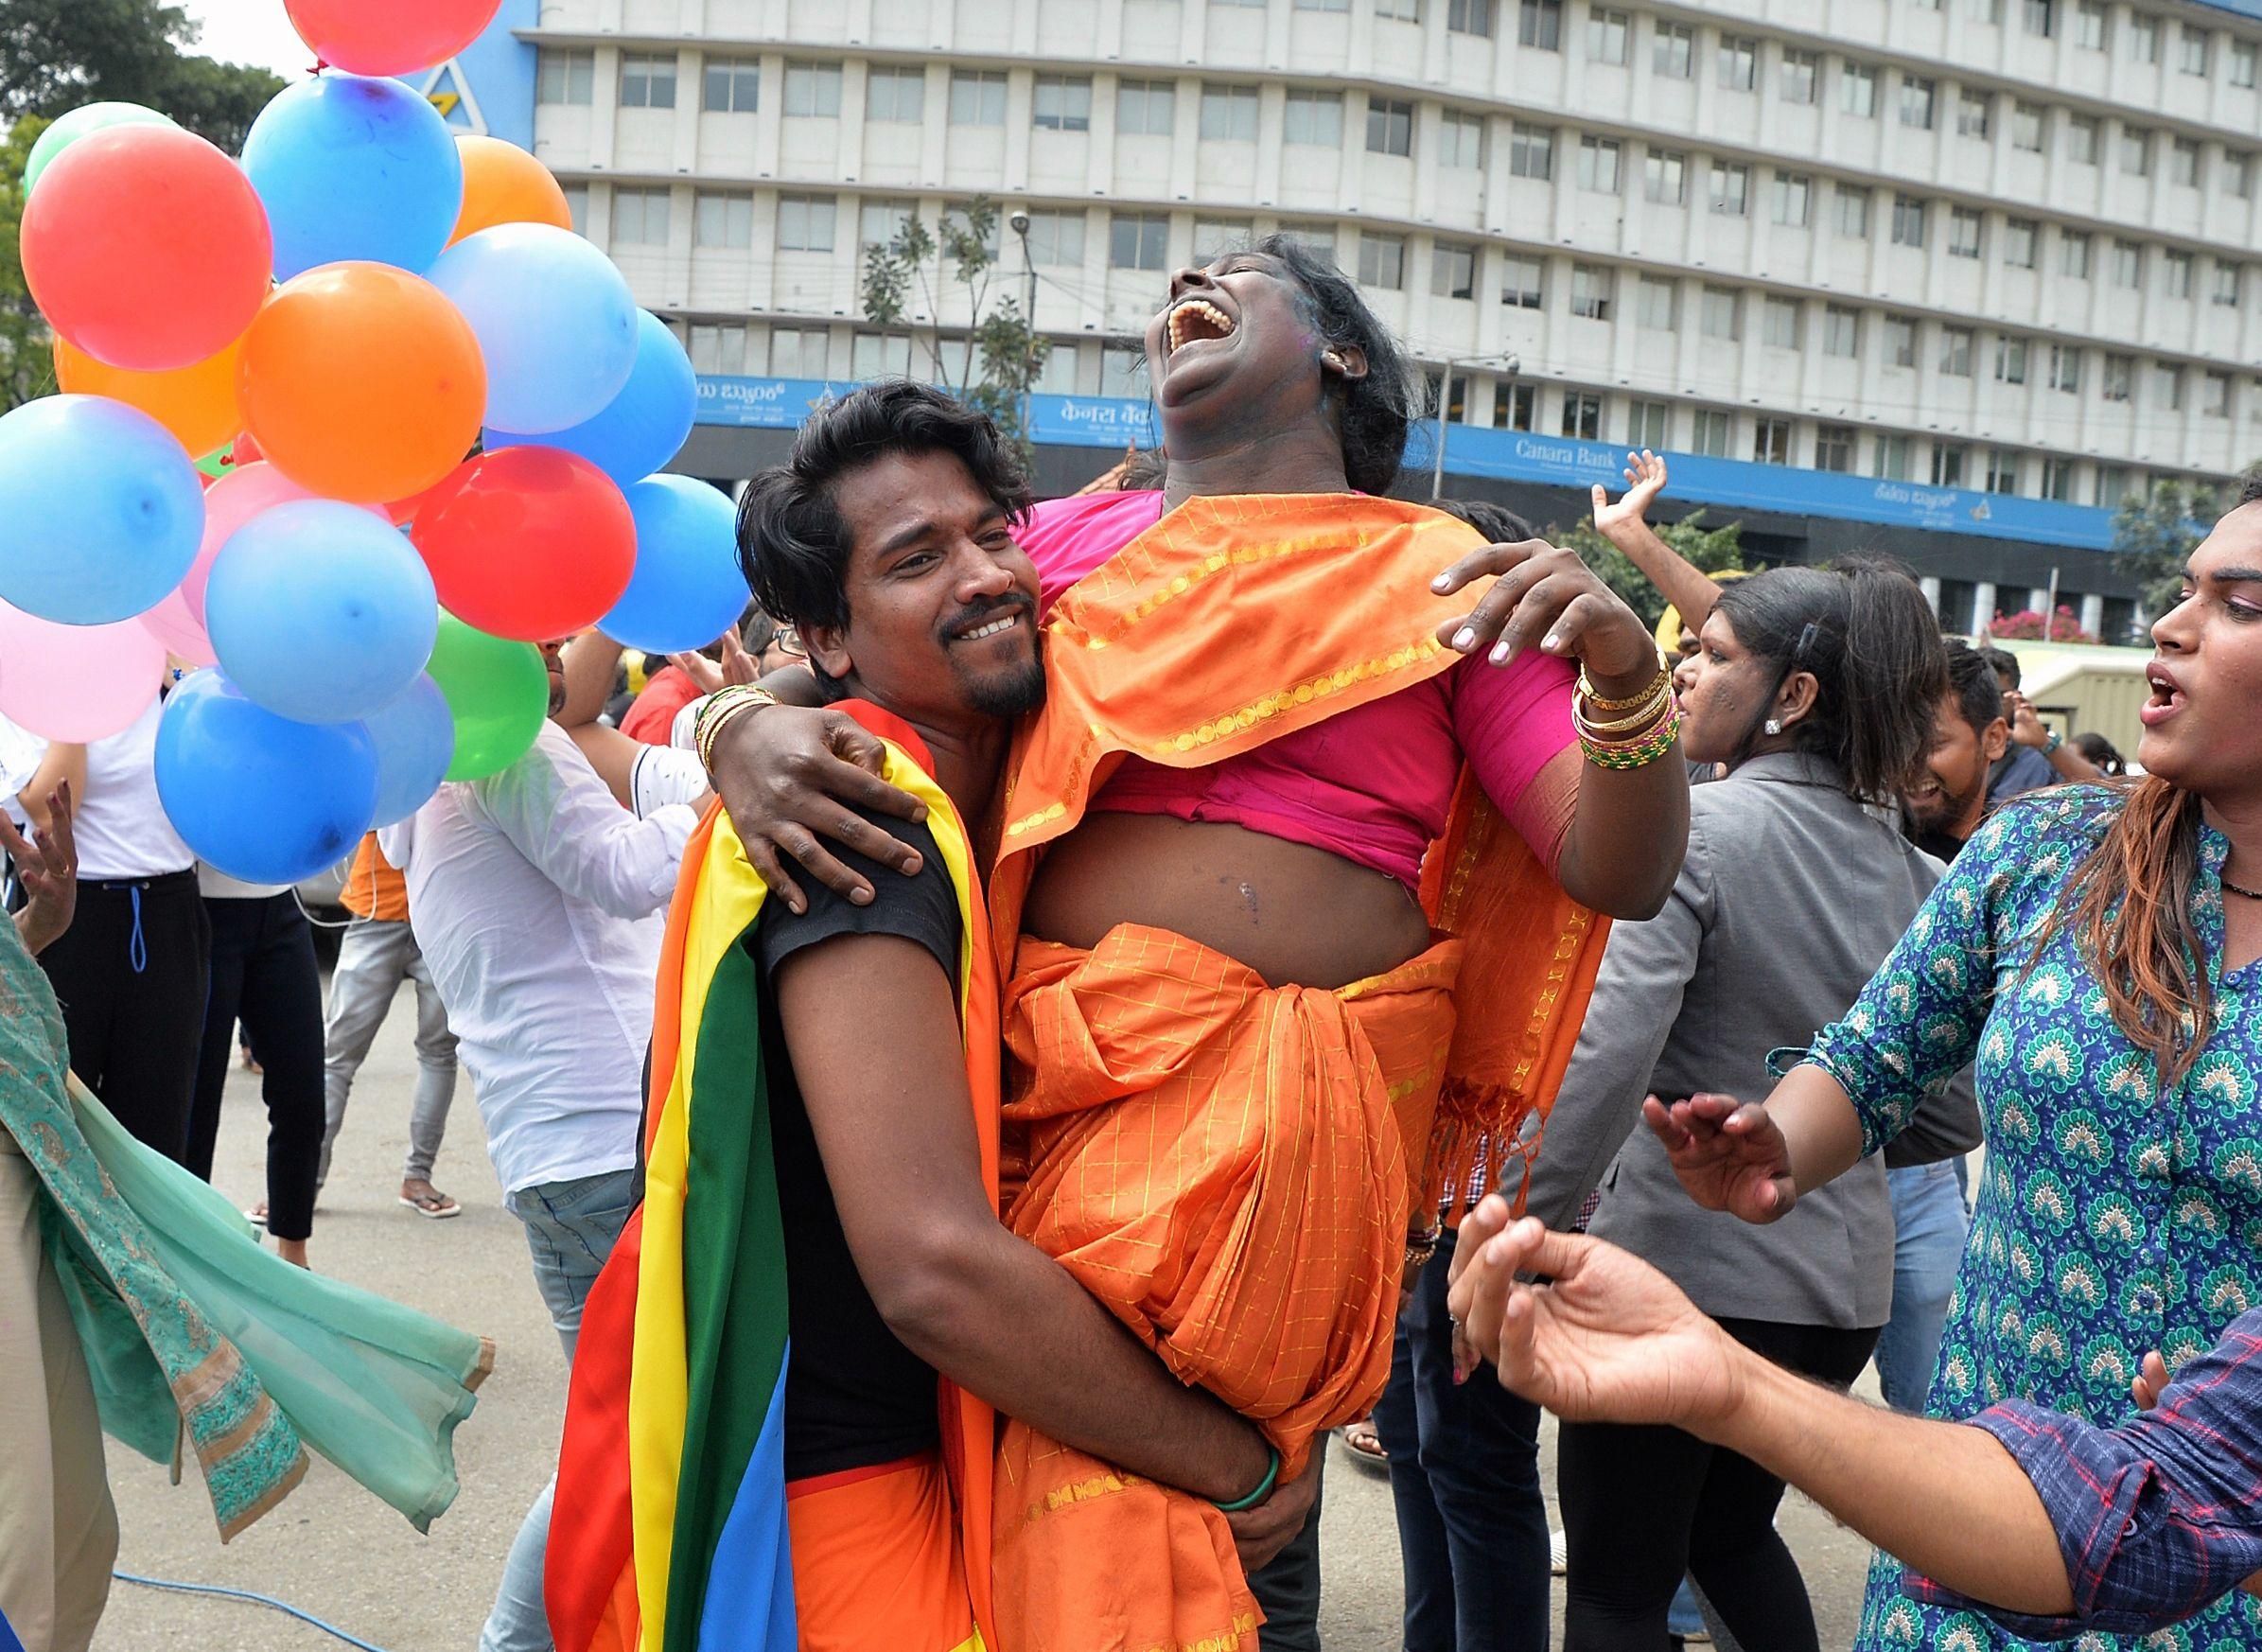 احتفالات المثليين بالهند